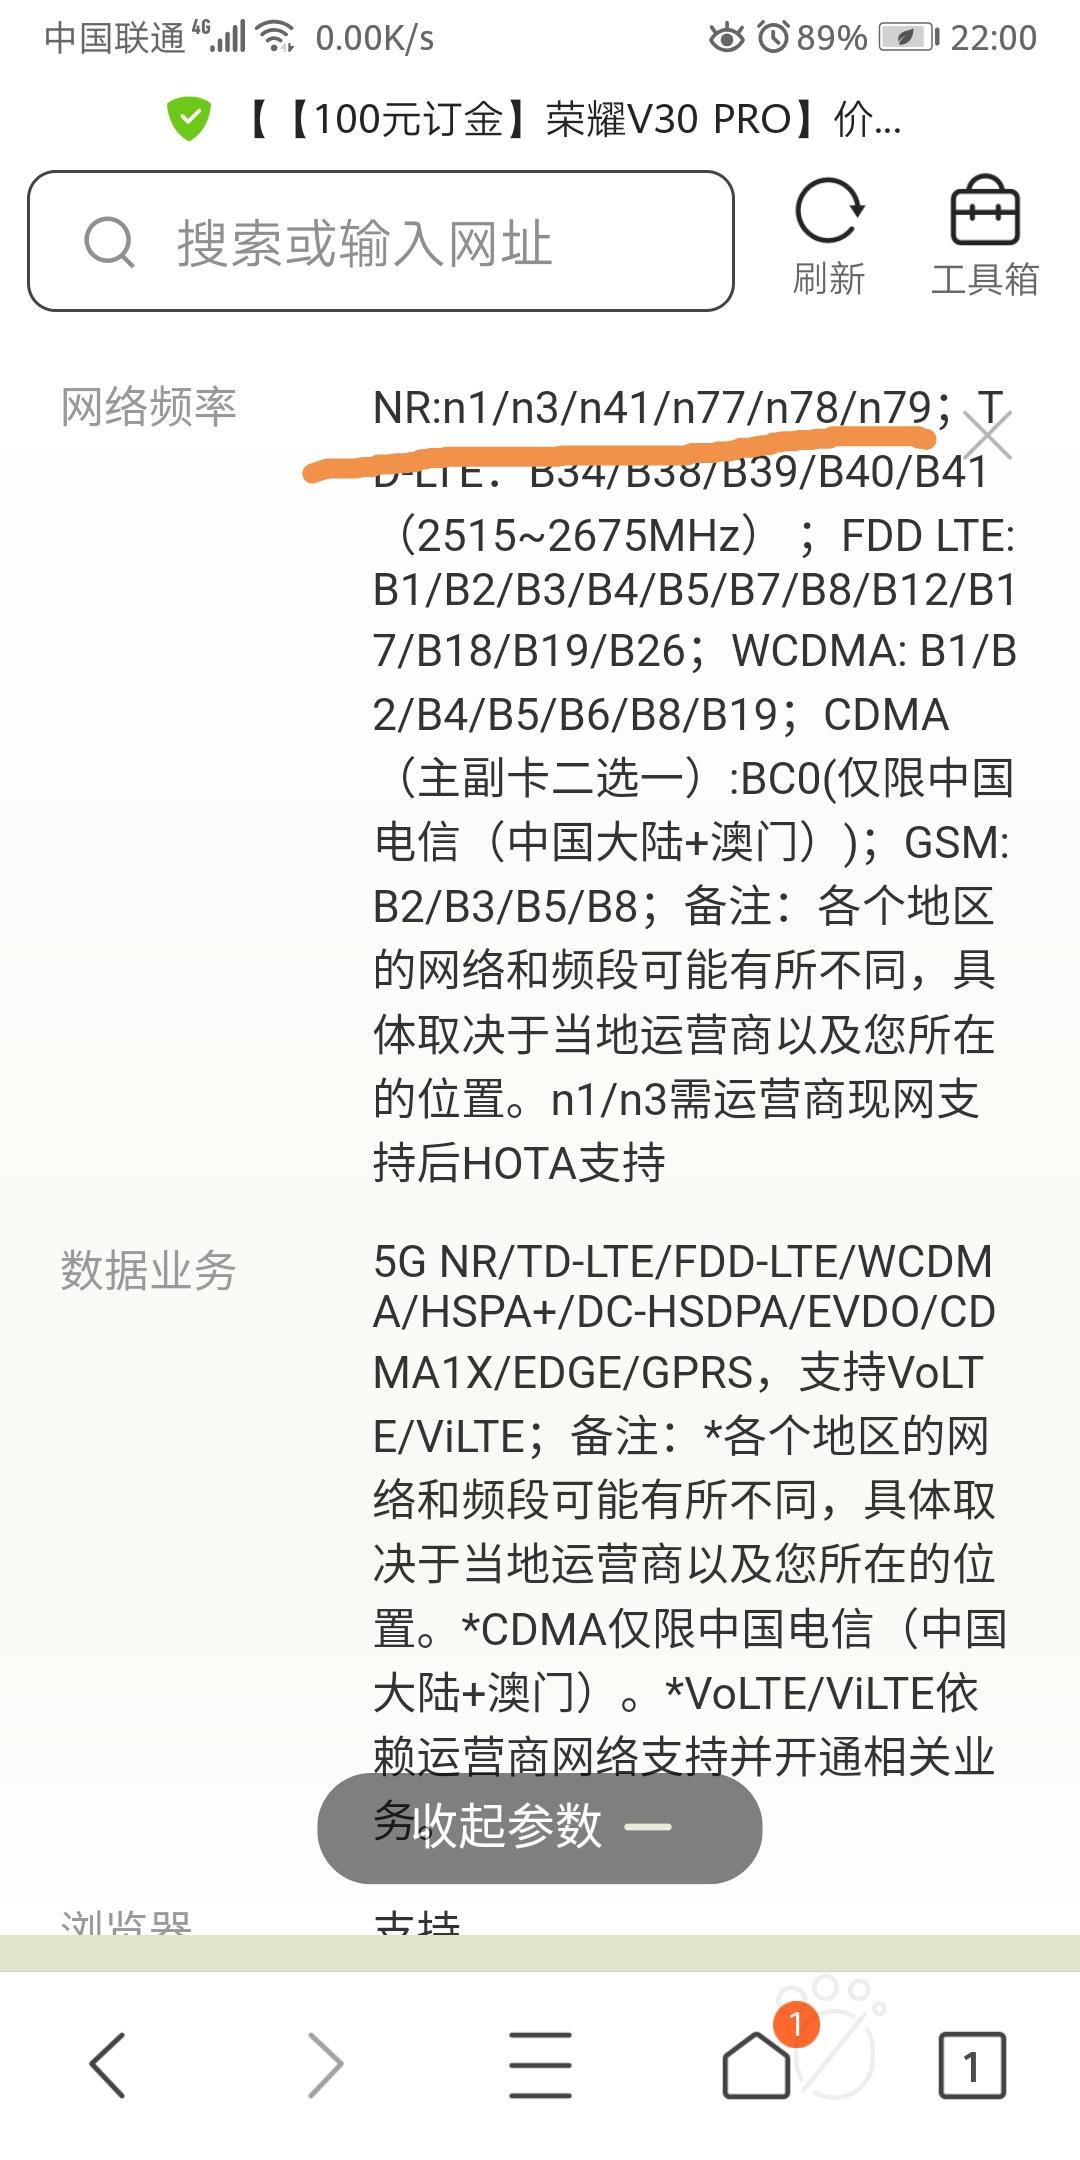 Screenshot_20191126_222910.jpg